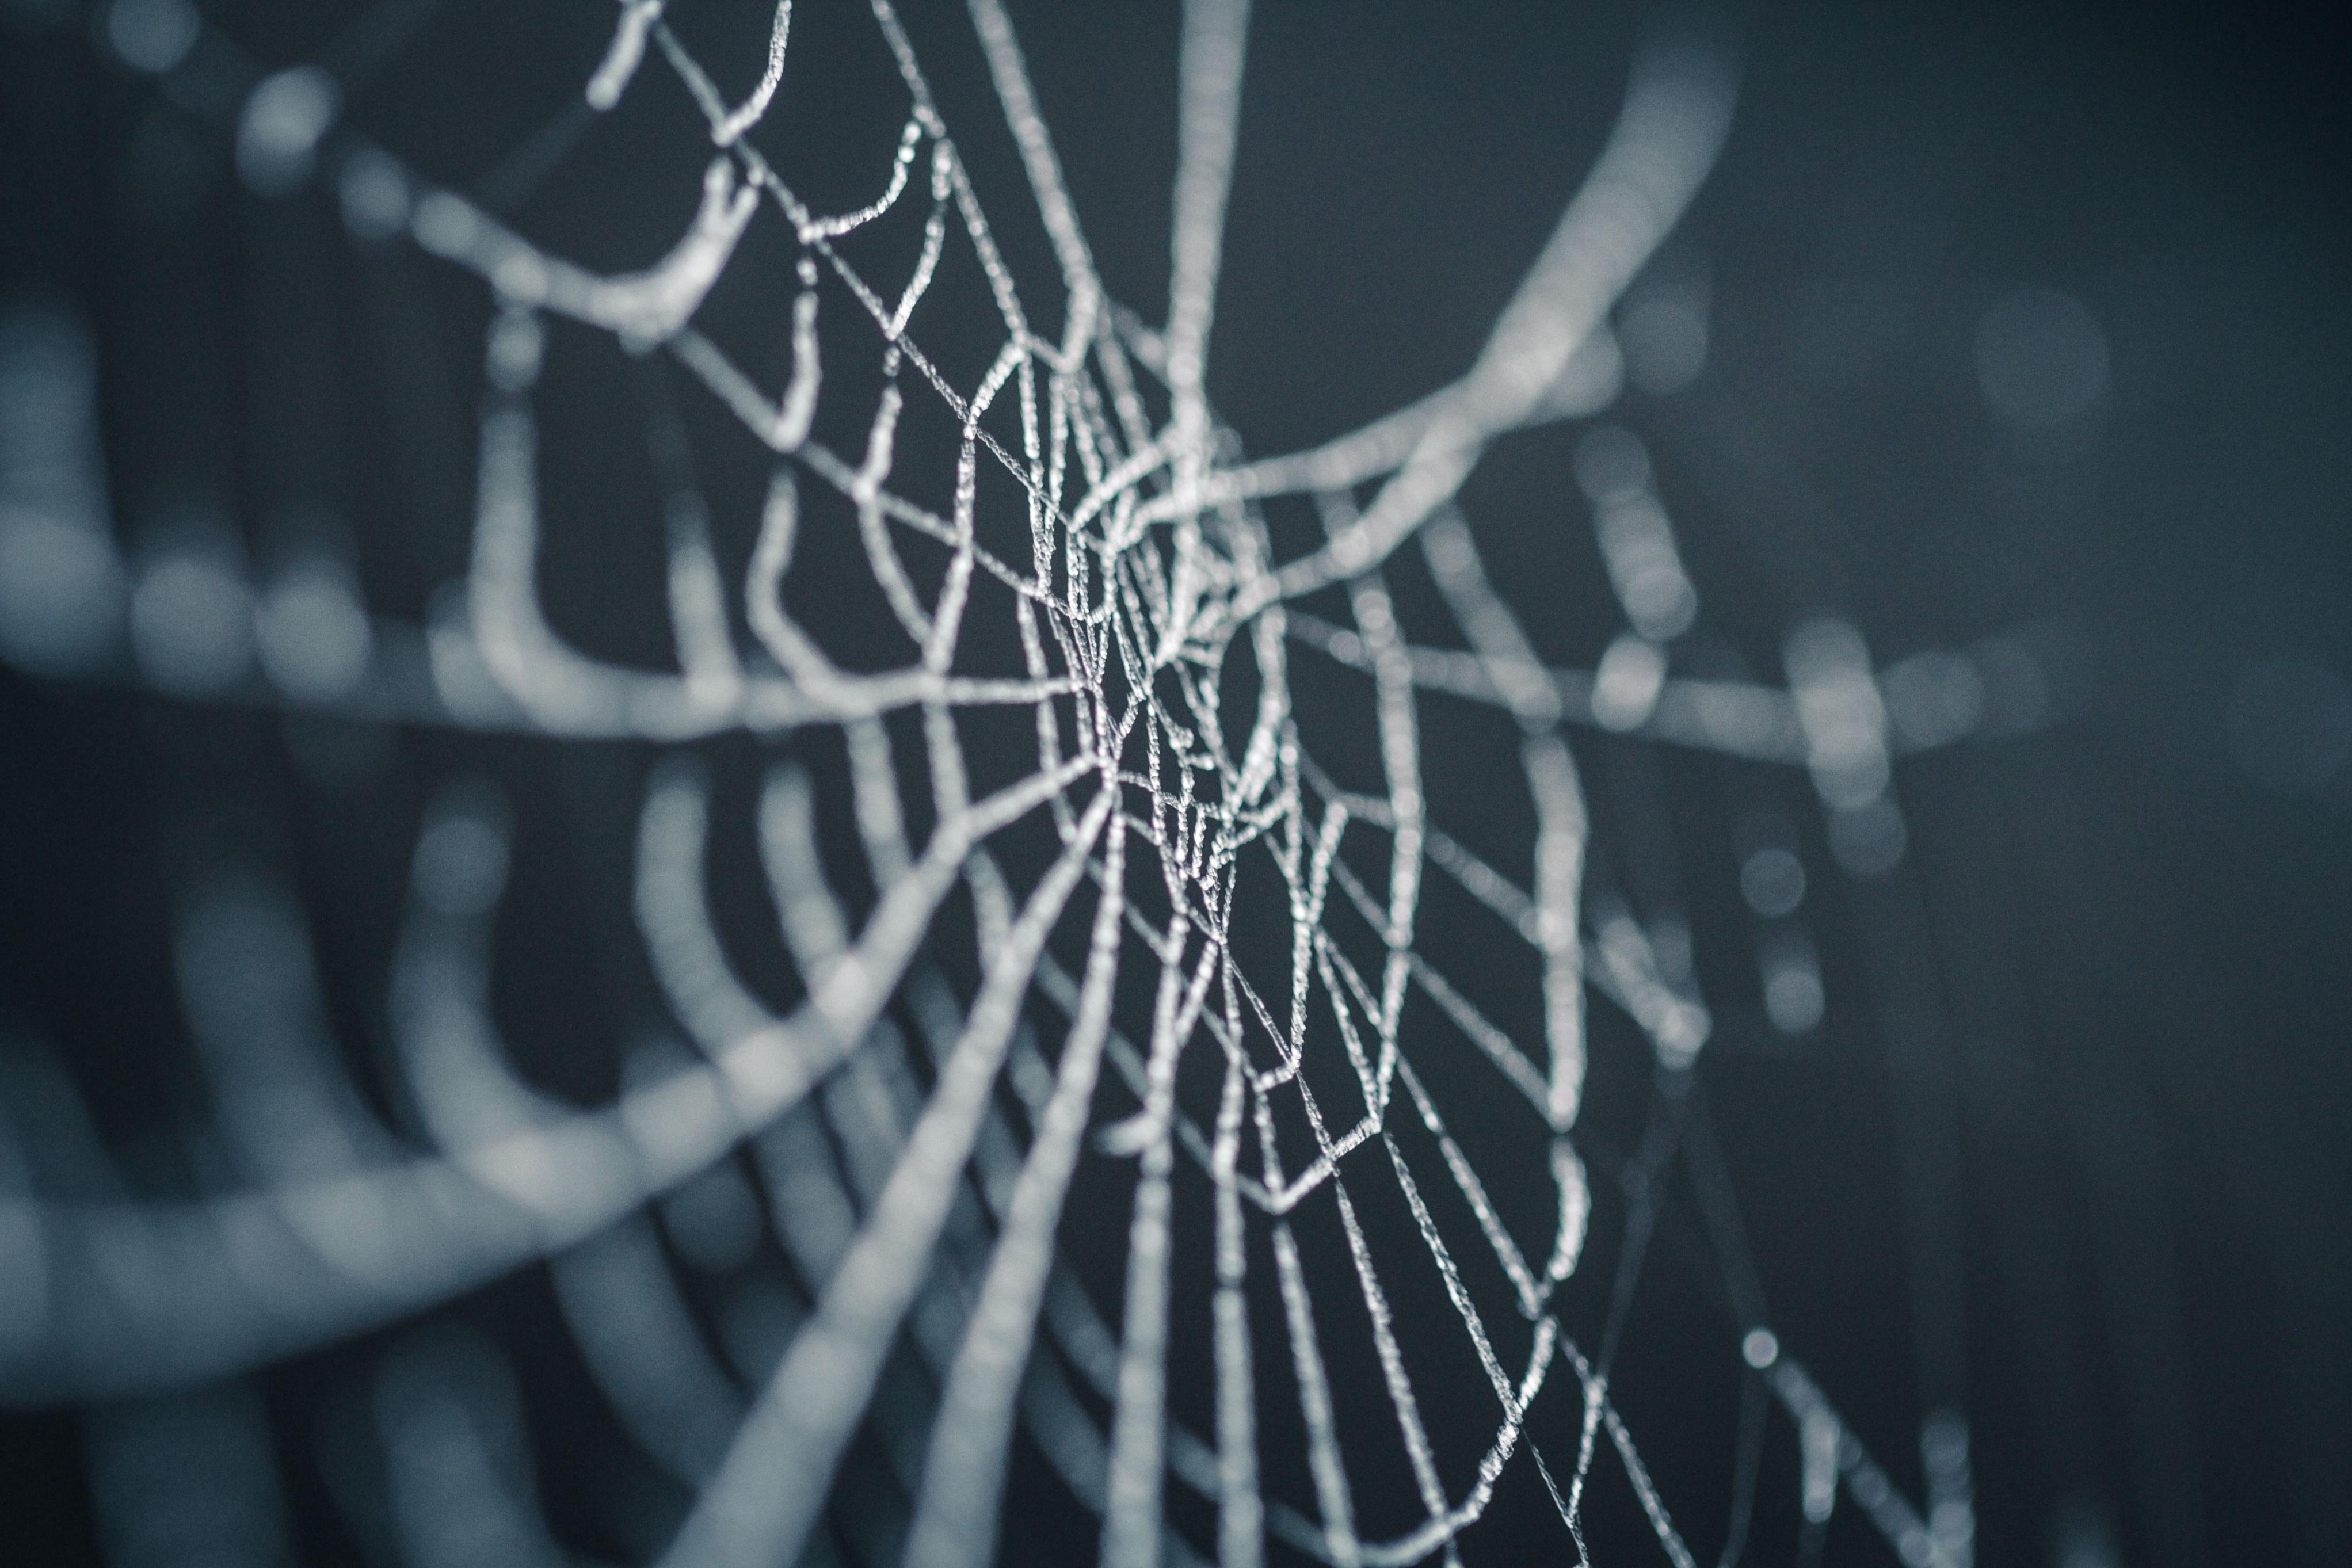 spider-web-in-rain